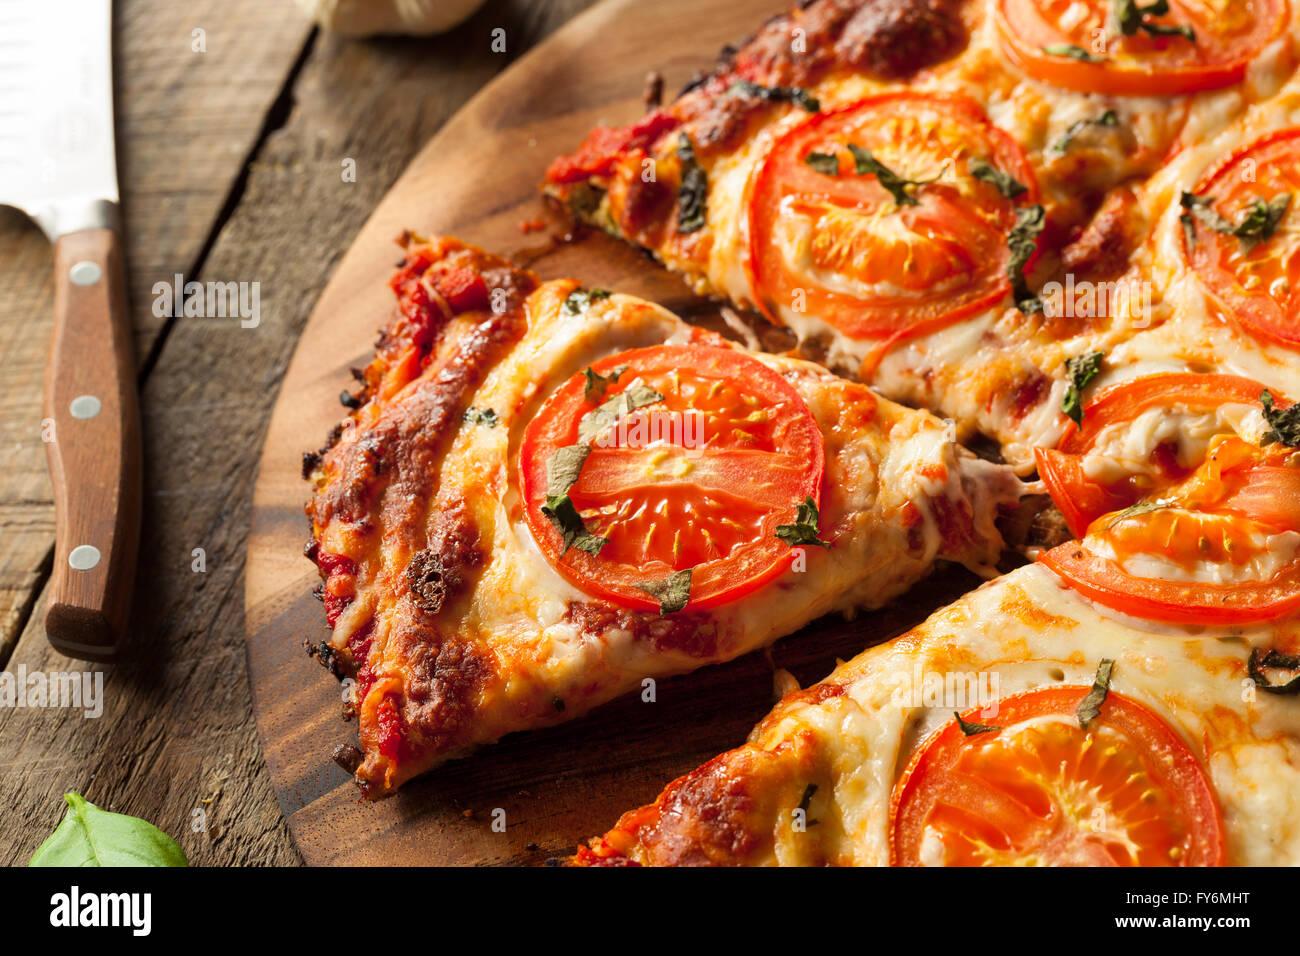 Homemade Vegan Cauliflower Crust Pizza with Tomato and Basil Stock Photo